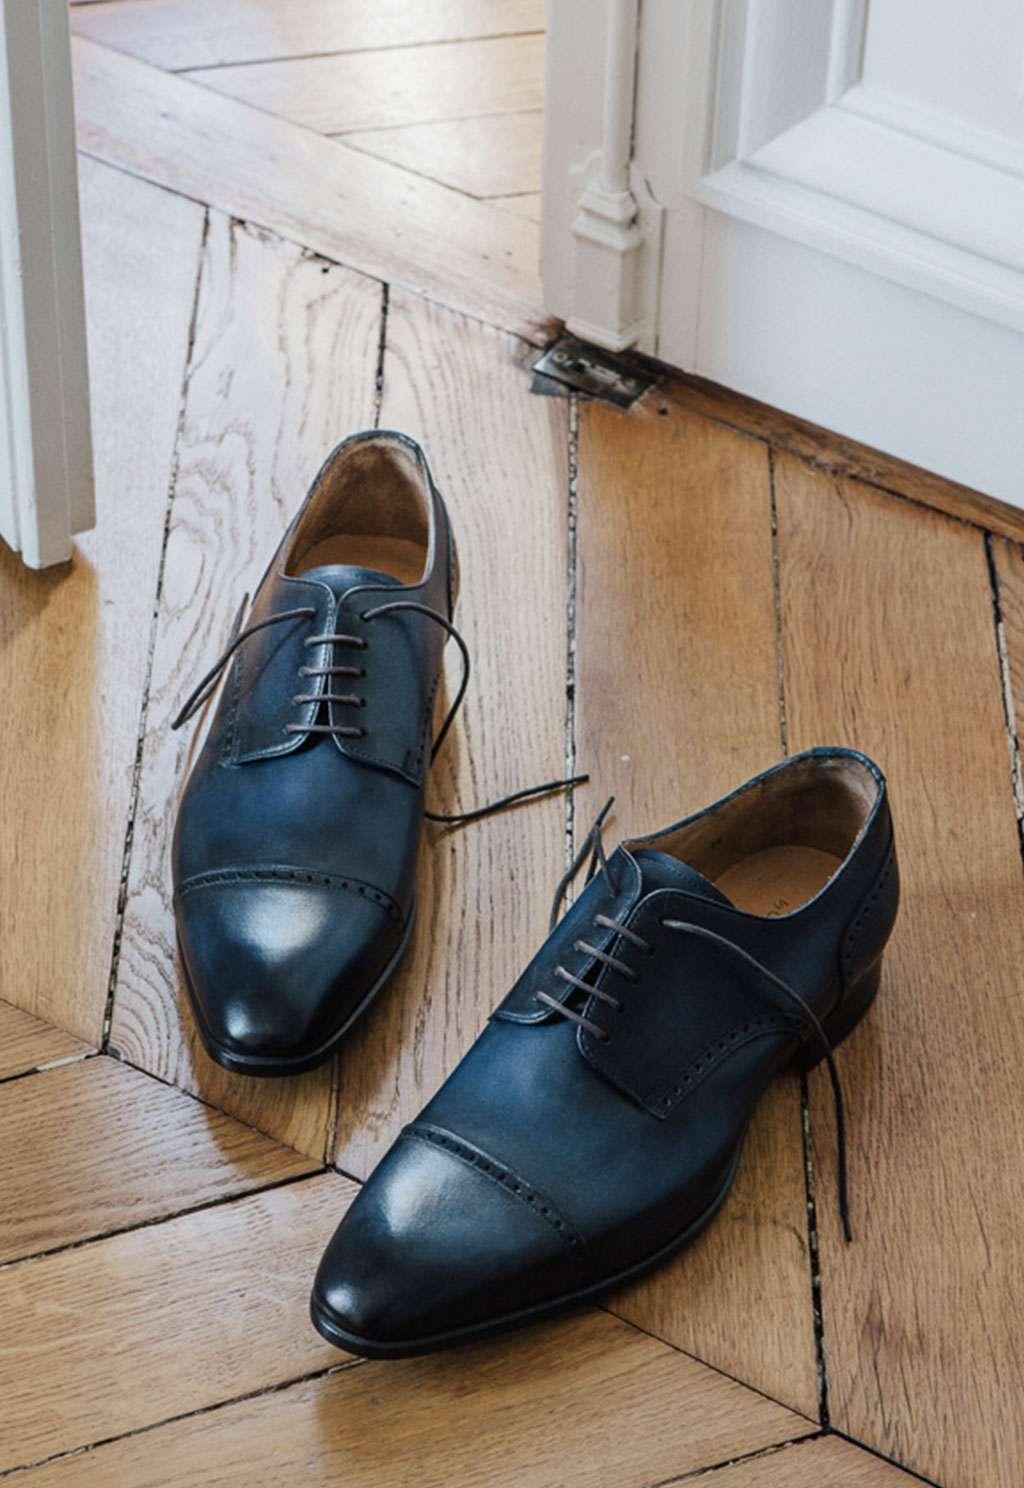 souliers patinés sur mesure faubourg saint sulpice tailleur homme paris association souliers chaussures